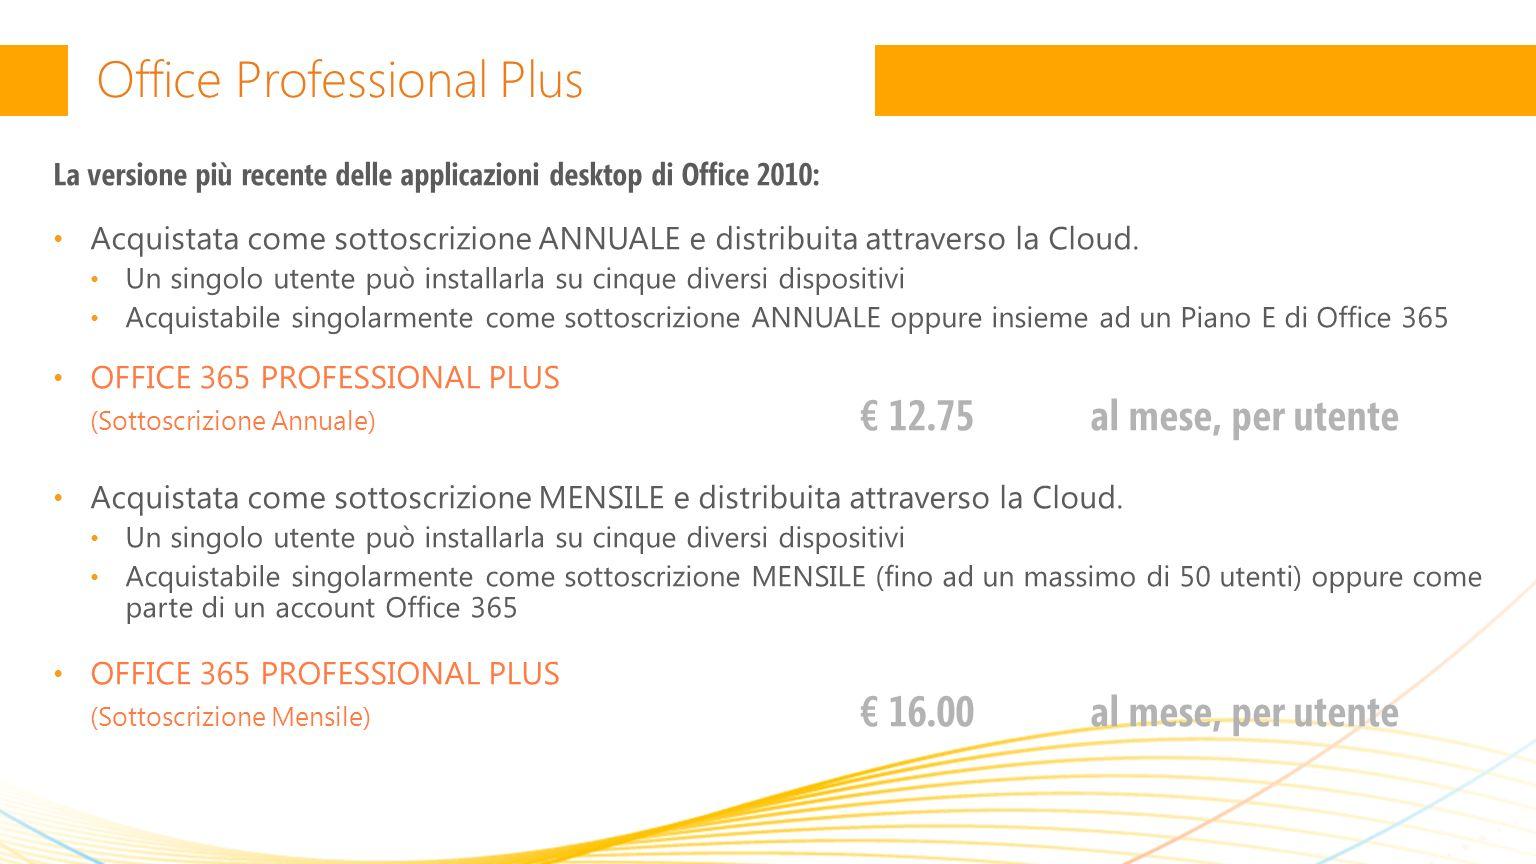 Office Professional Plus La versione più recente delle applicazioni desktop di Office 2010: Acquistata come sottoscrizione ANNUALE e distribuita attraverso la Cloud.